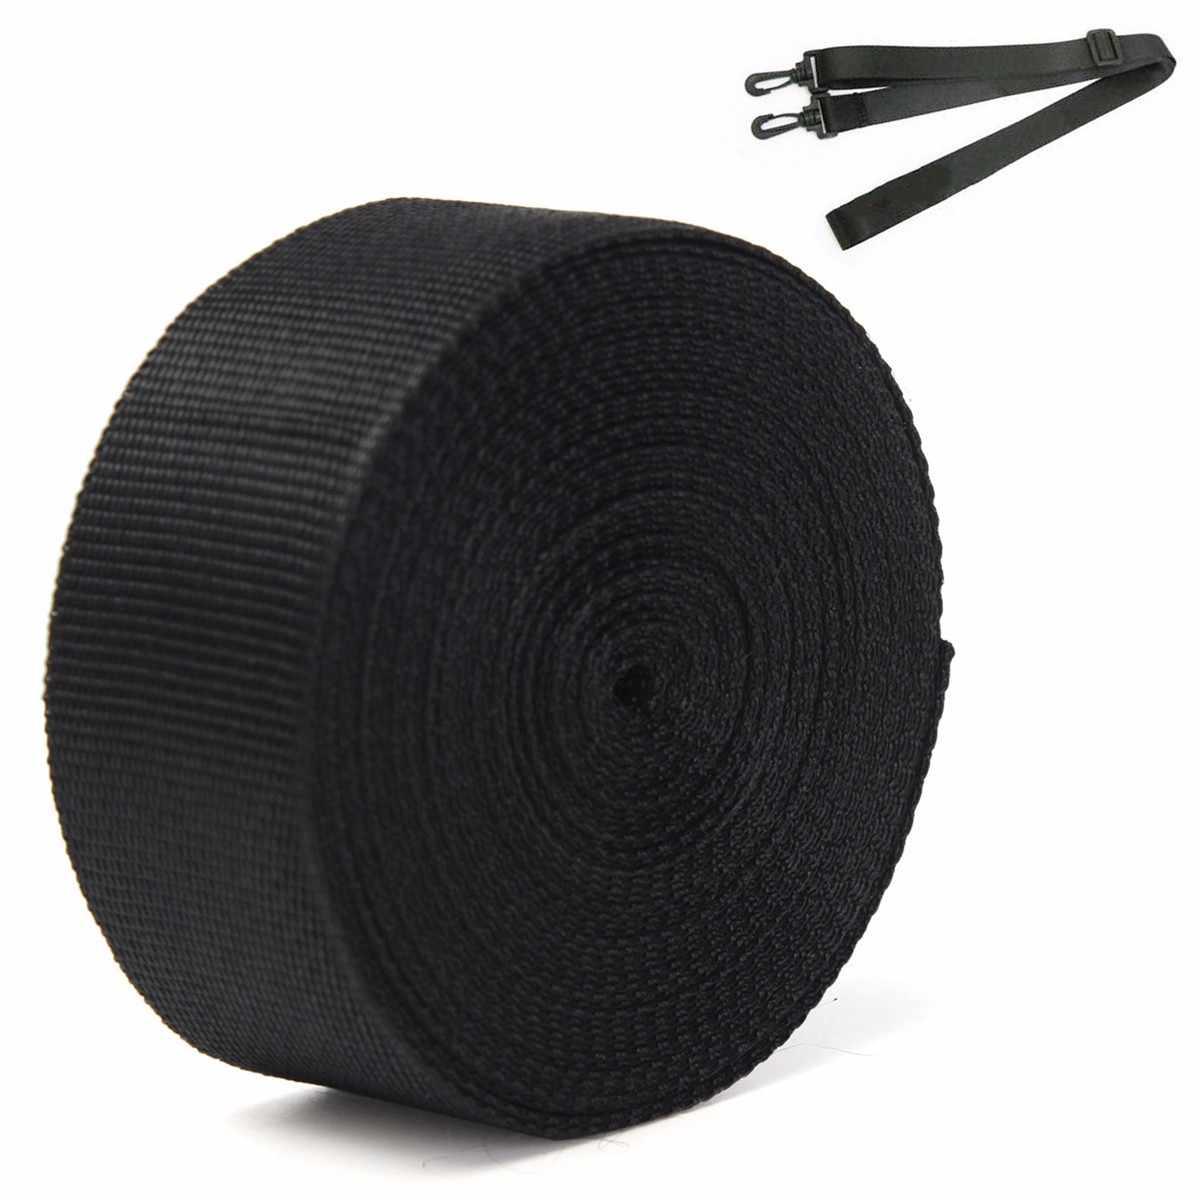 10 متر 50 مللي متر شريطة بوليستر قماش أسود حزام حزام الشريط لحقيبة الربط حزام صنع الخياطة Craft بها بنفسك الحرفية للمنزل